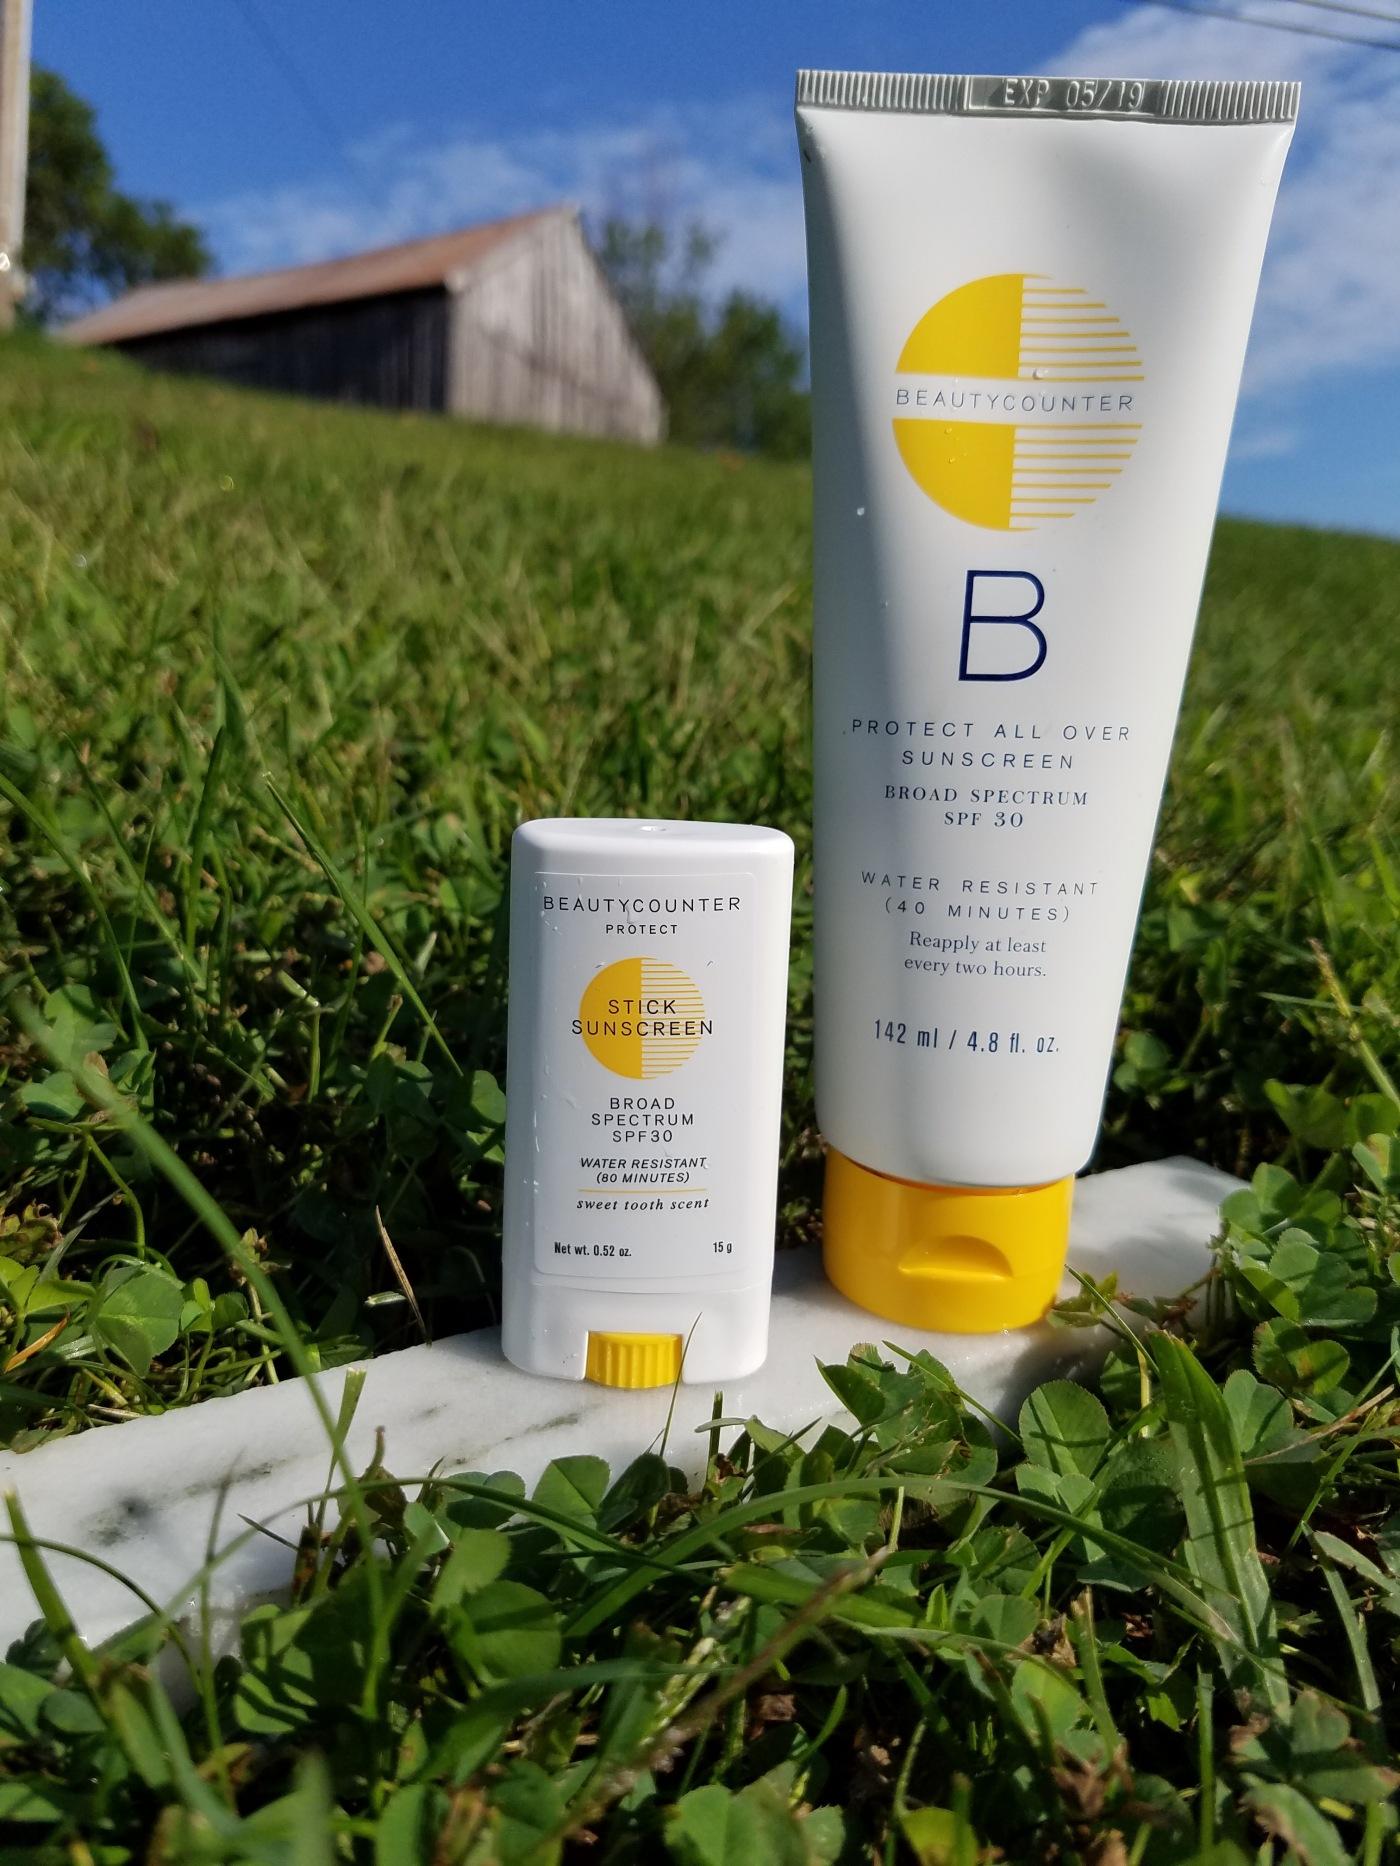 Better Beauty Vermont Beautycounter Sunscreen